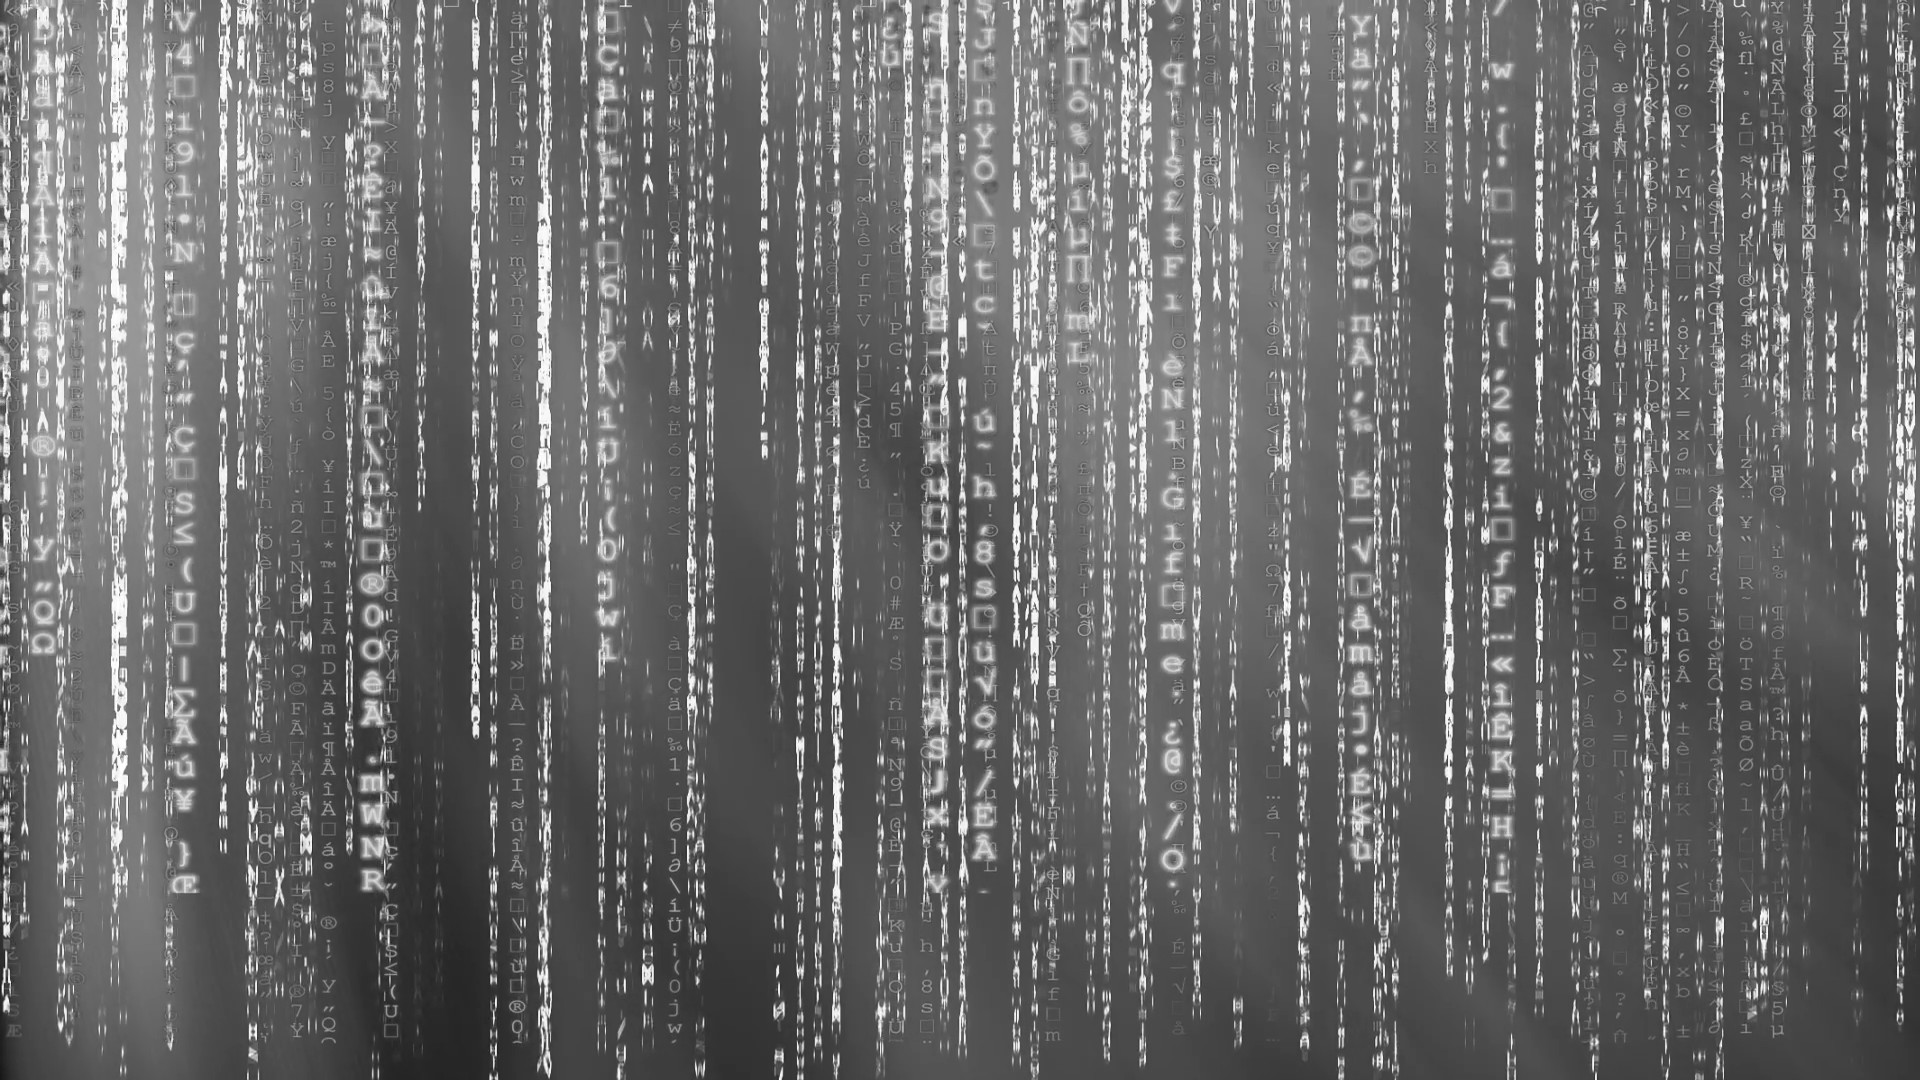 Matrix wallpaper moving blue